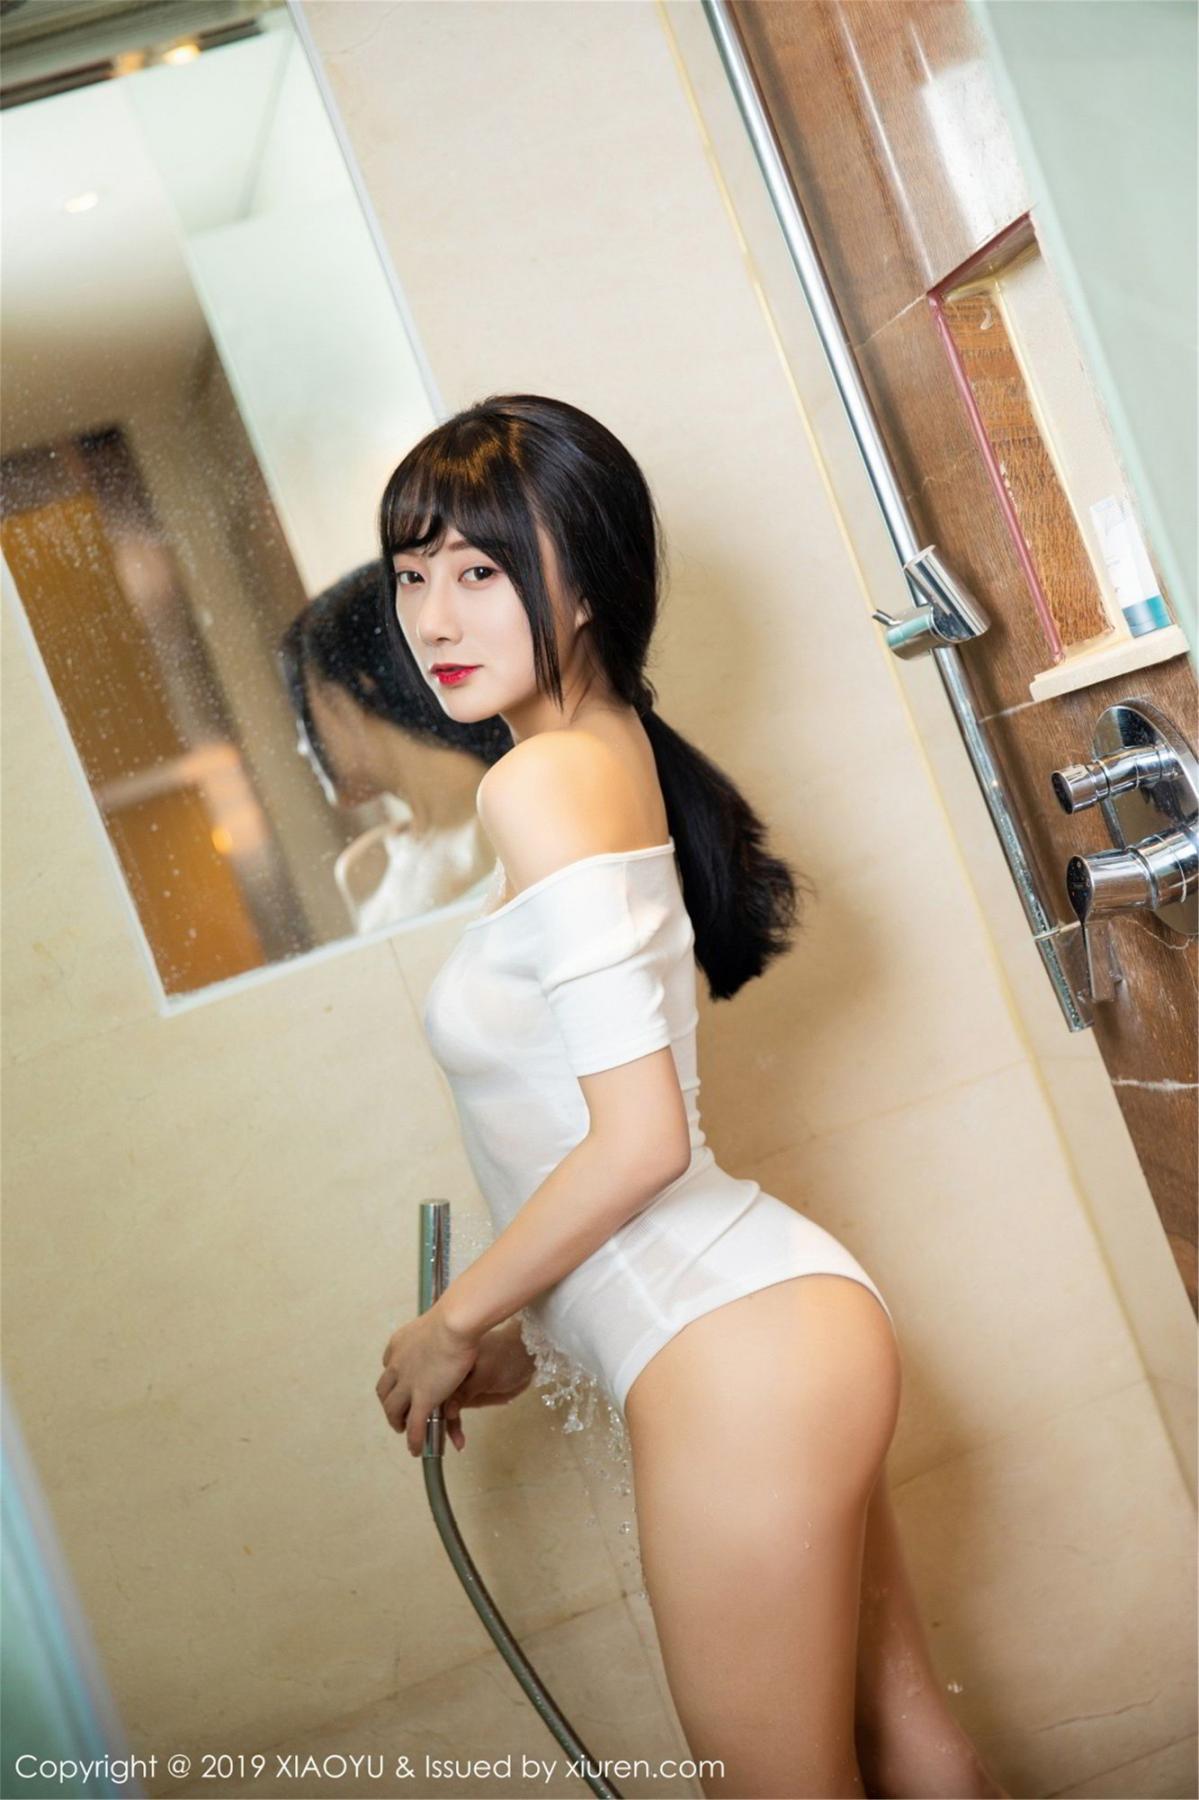 [XiaoYu] Vol.116 He Jia Ying 34P, Bathroom, He Jia Ying, Wet, XiaoYu